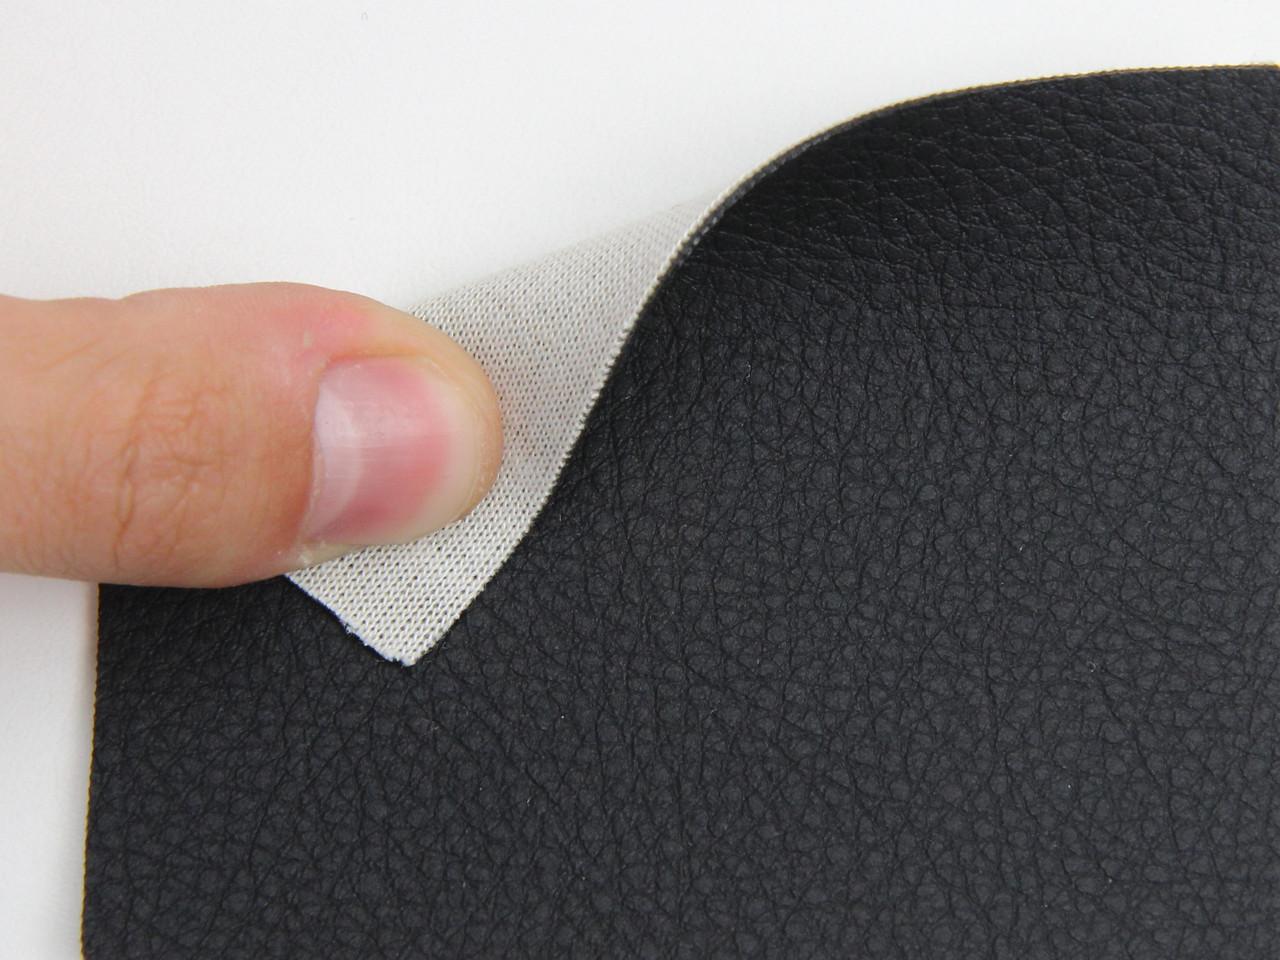 Чорний Кожзам для сидінь авто (текстурний BMW 09-316) на тканинній основі, ширина-1.80 м